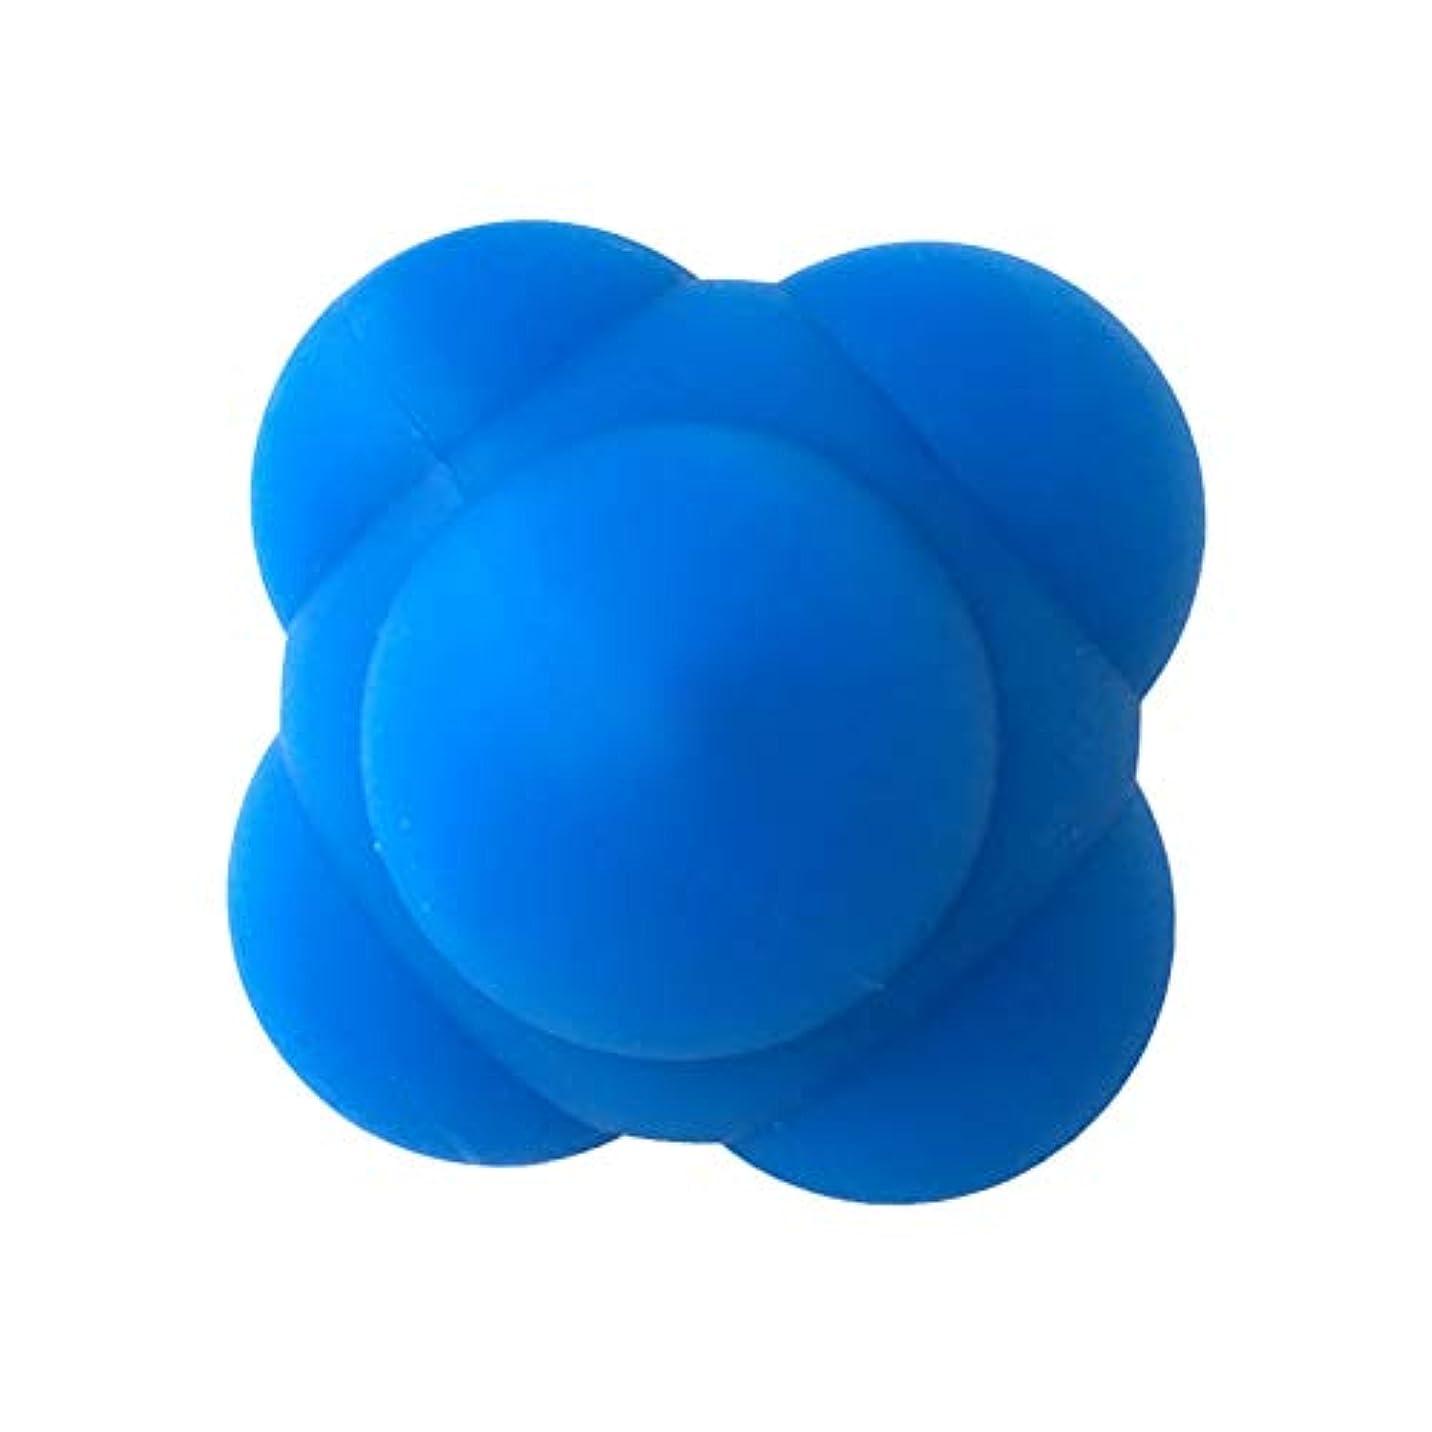 薬剤師オデュッセウス窒息させるSUPVOX 野球 練習用品 トレーニングボール ヘキサゴンボール リアクションボール スポーツボール6cm(青)